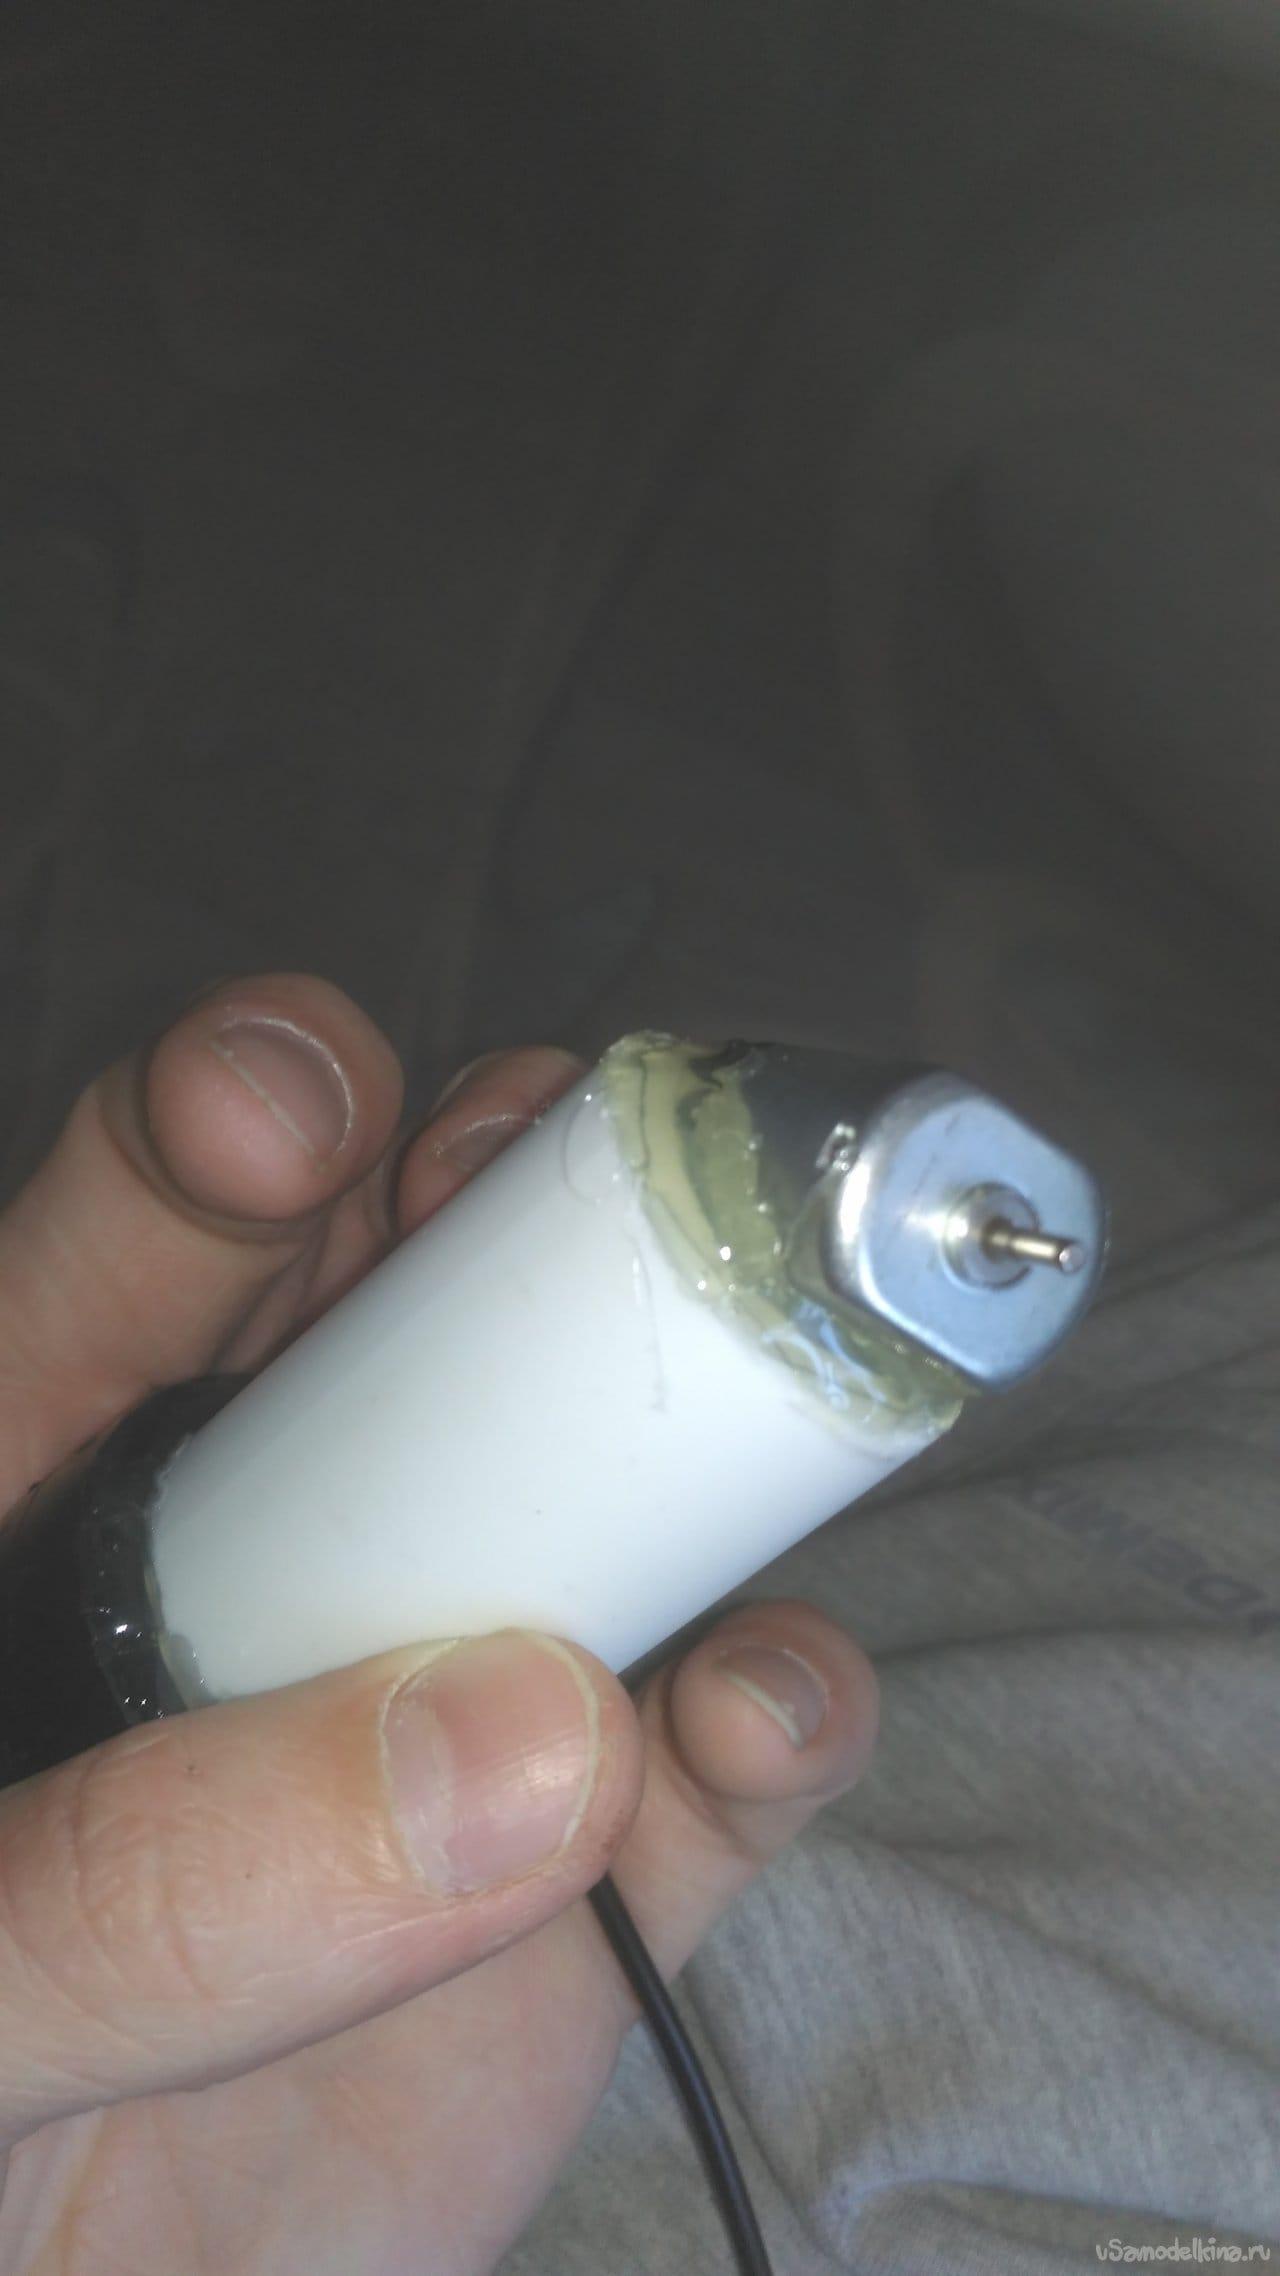 Настольный вентилятор из хлама